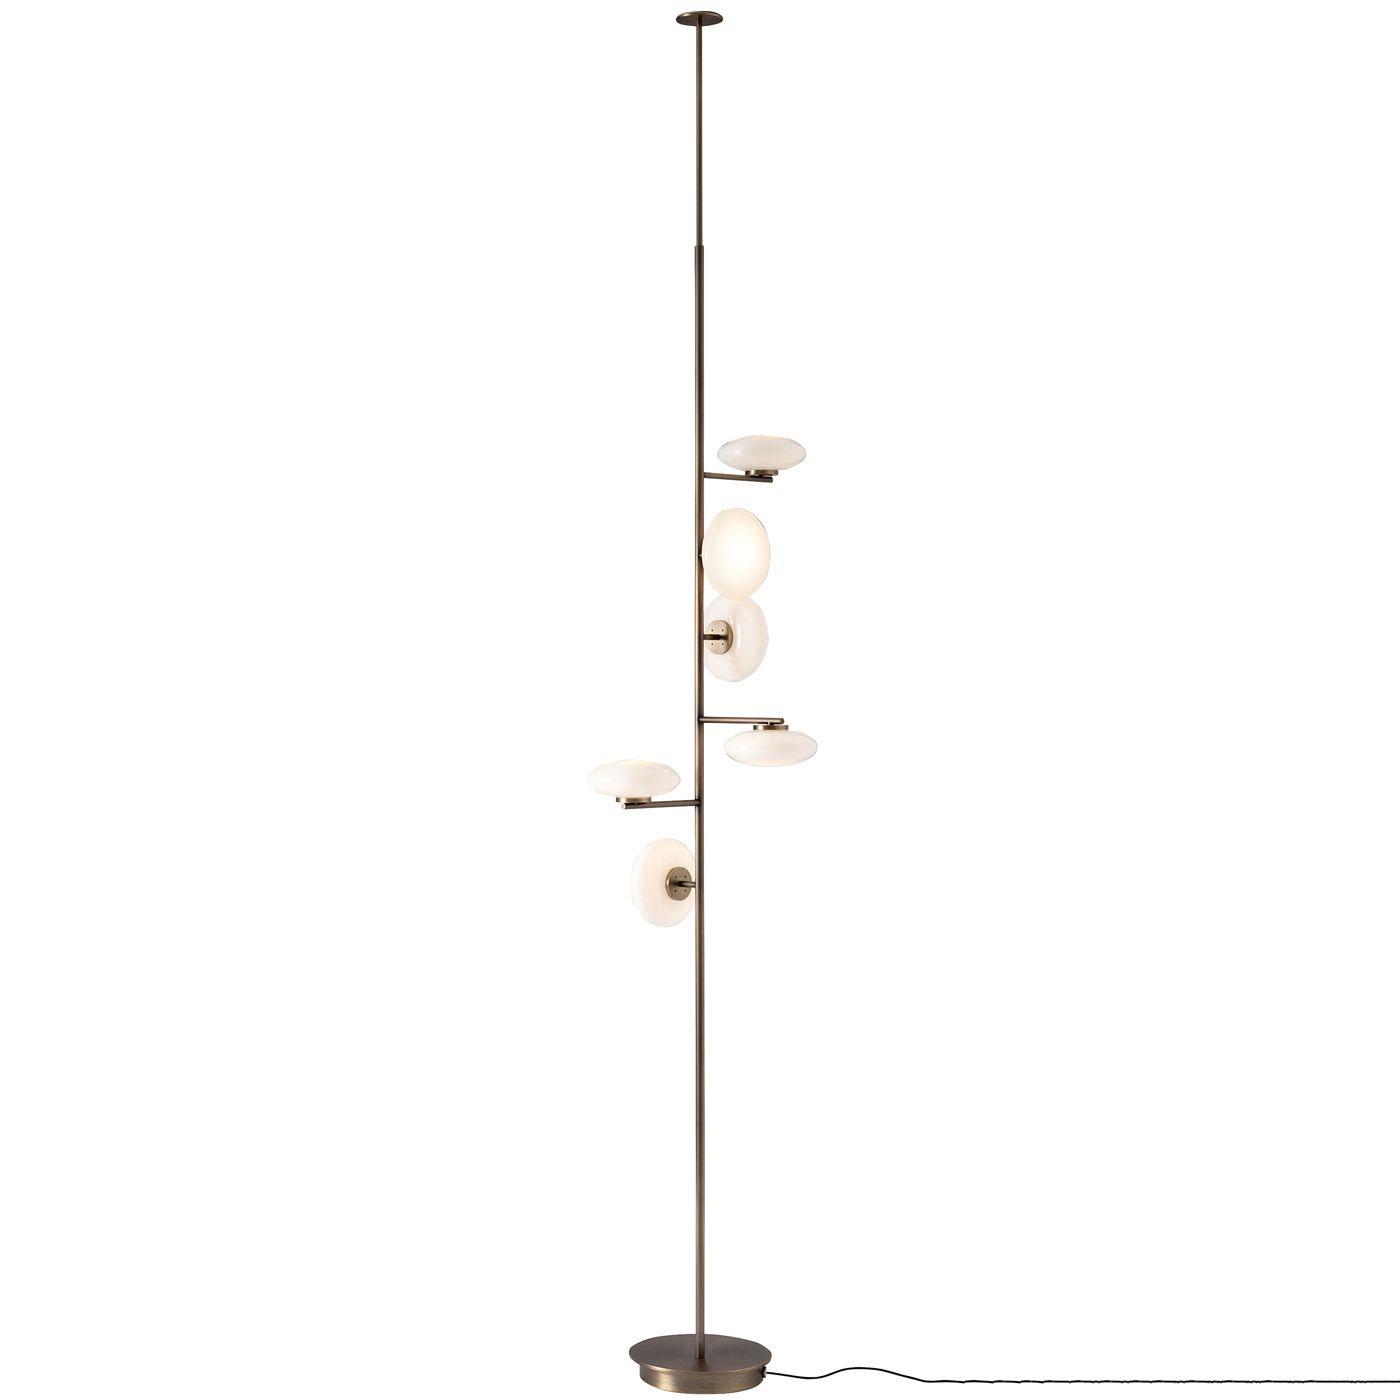 Mami Floor Lamp By Penta 1307 27 01 N8 A X